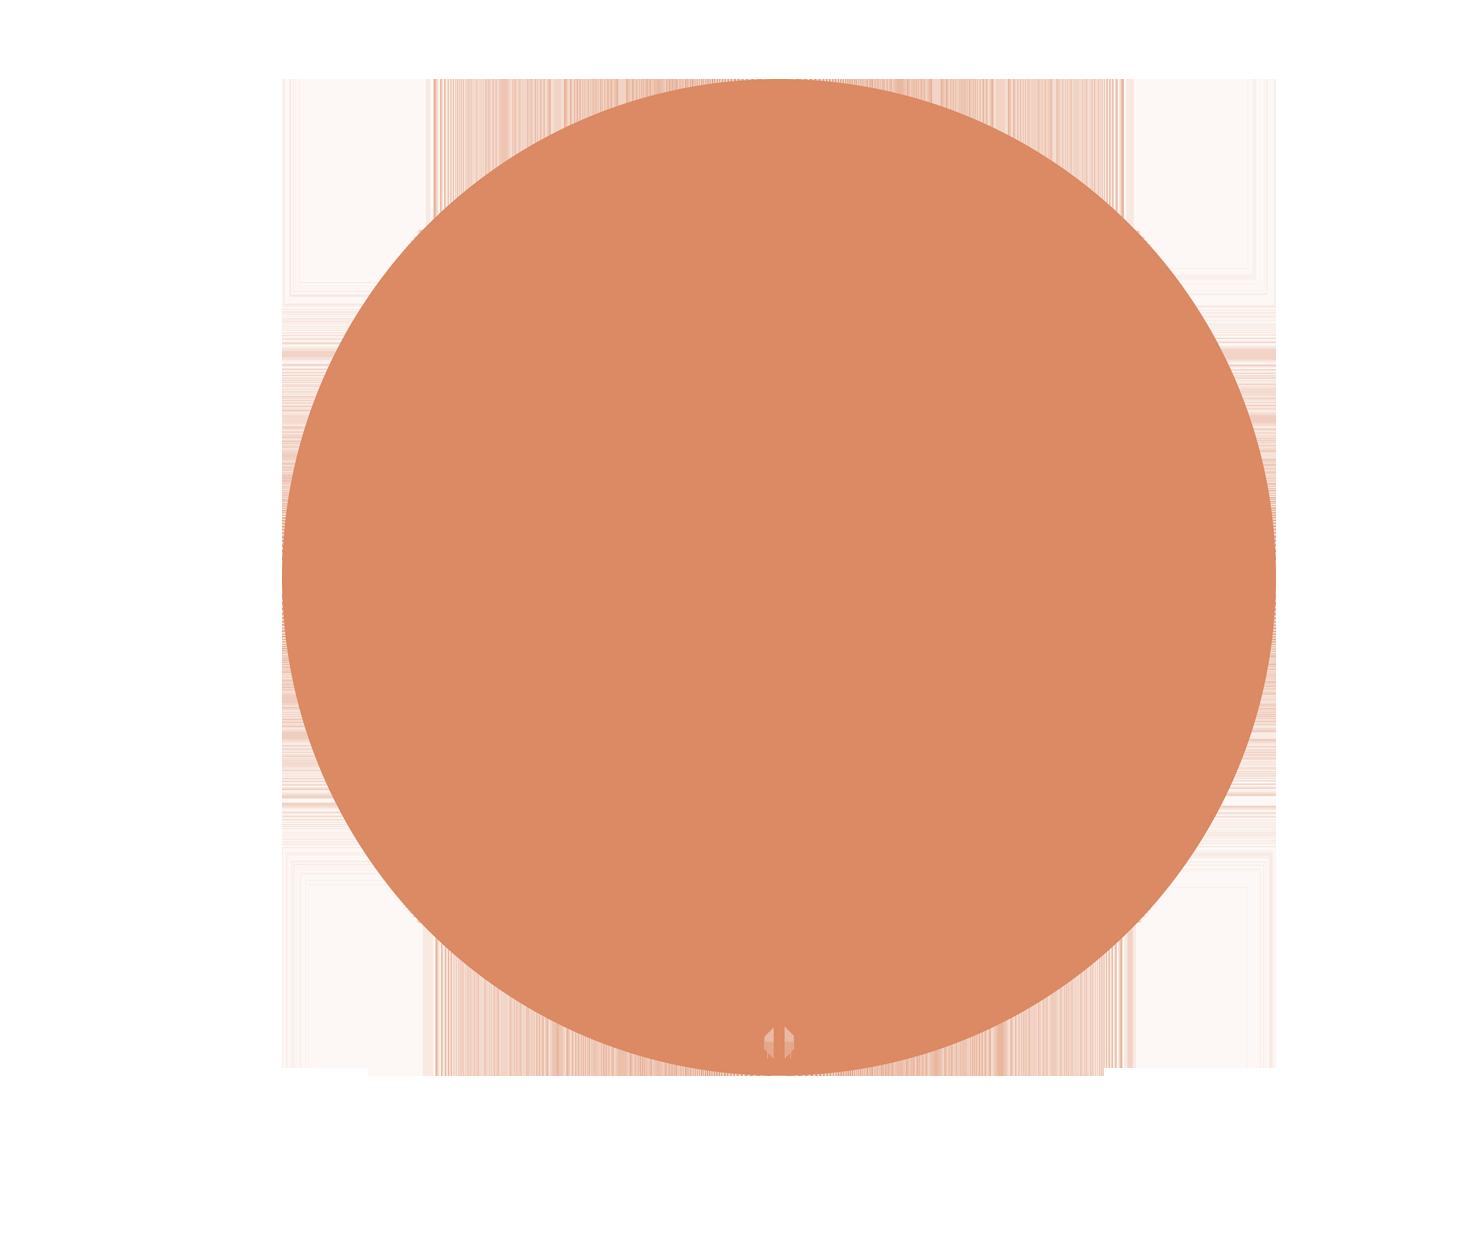 """البنك المركزي يعلن منح شهادة تأسيس """"الشركة العراقية لضمان الودائع"""""""